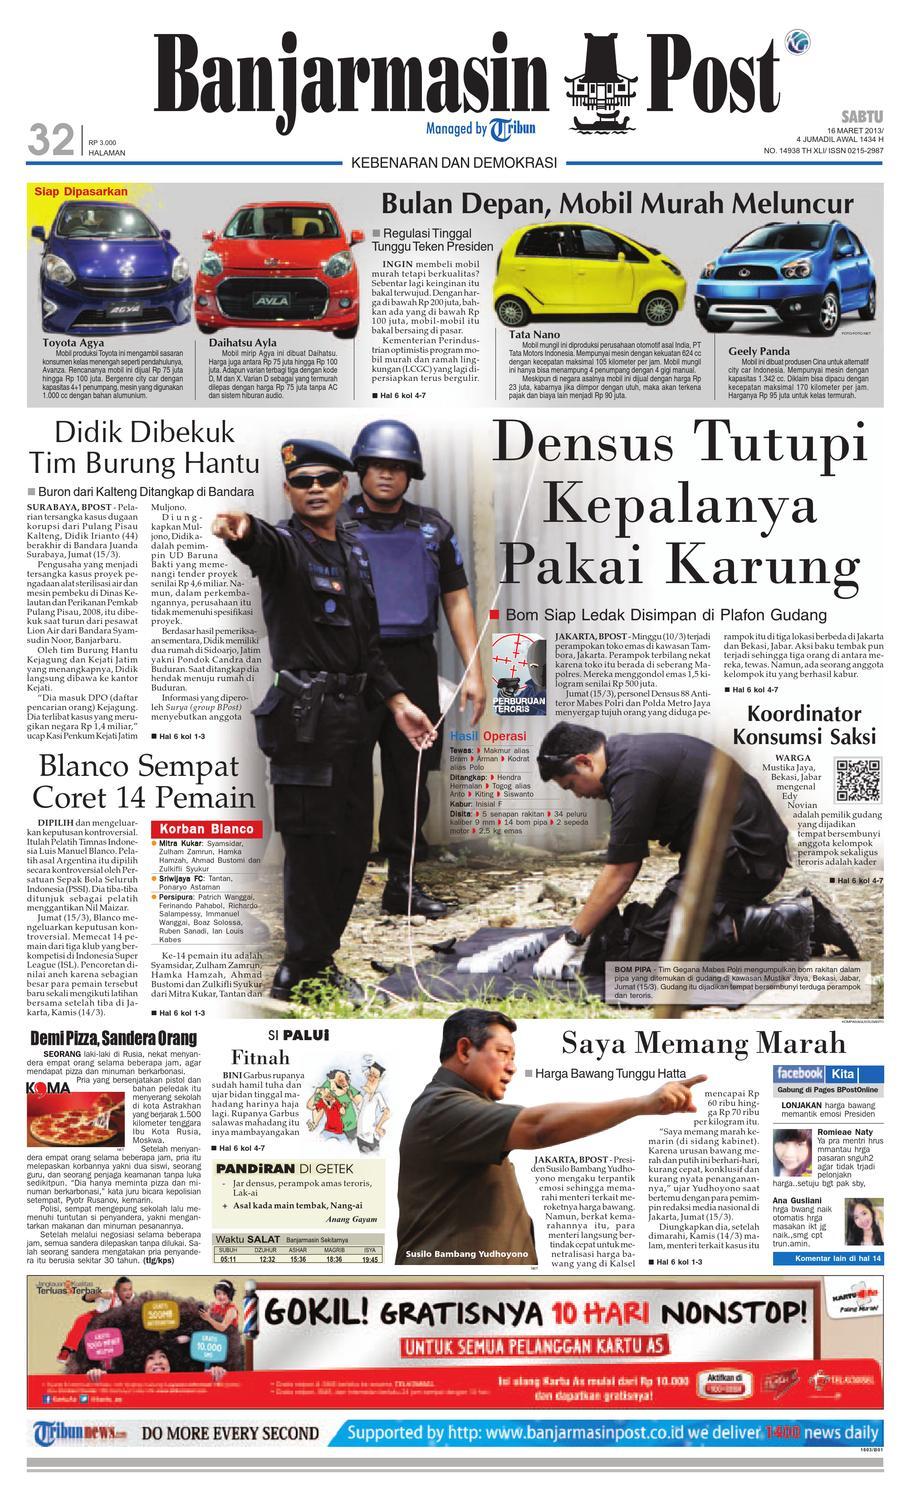 banjarmasin post edisi cetak sabtu 16 maret 2013 by